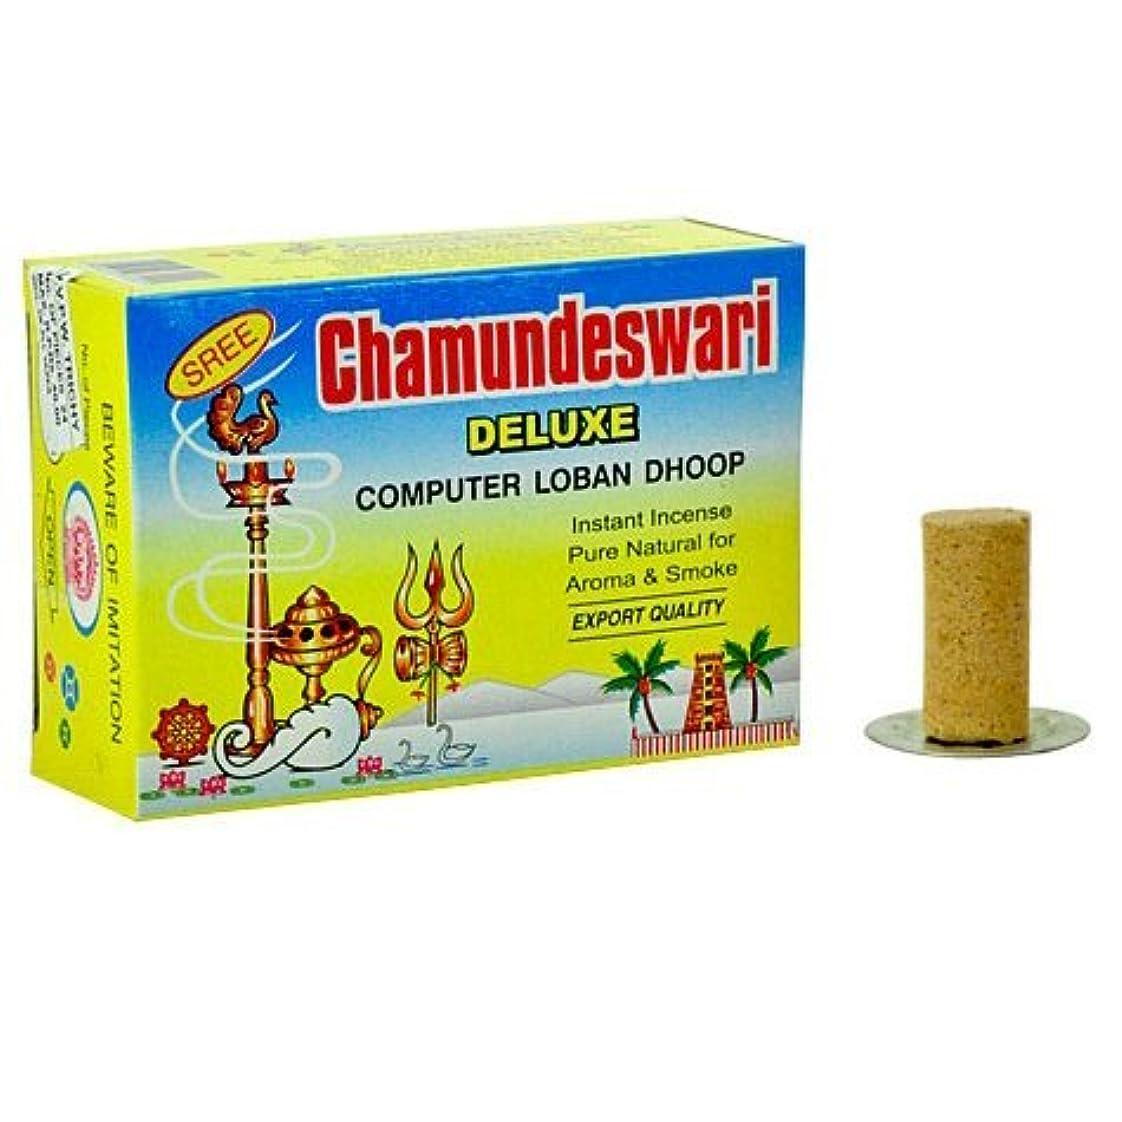 デンマークふくろう無力Sree ChamundeswariデラックスコンピュータSambrani Loban Dhoop、1.5